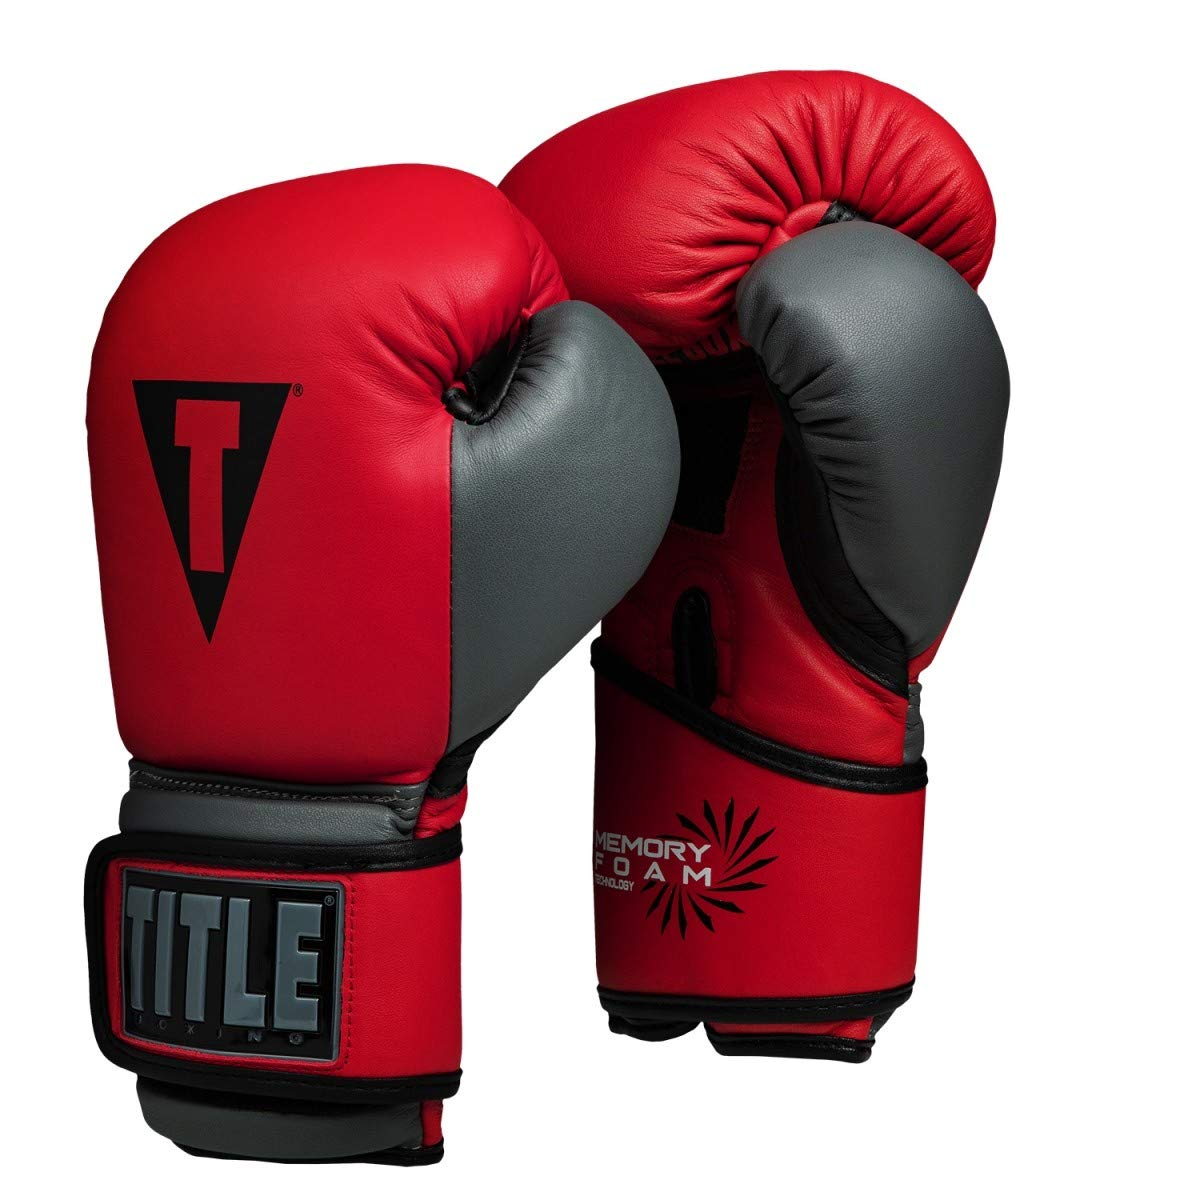 タイトルボクシングメモリーフォームトレーニンググローブ B07H7VSJRT レッド/ブラック 14 oz